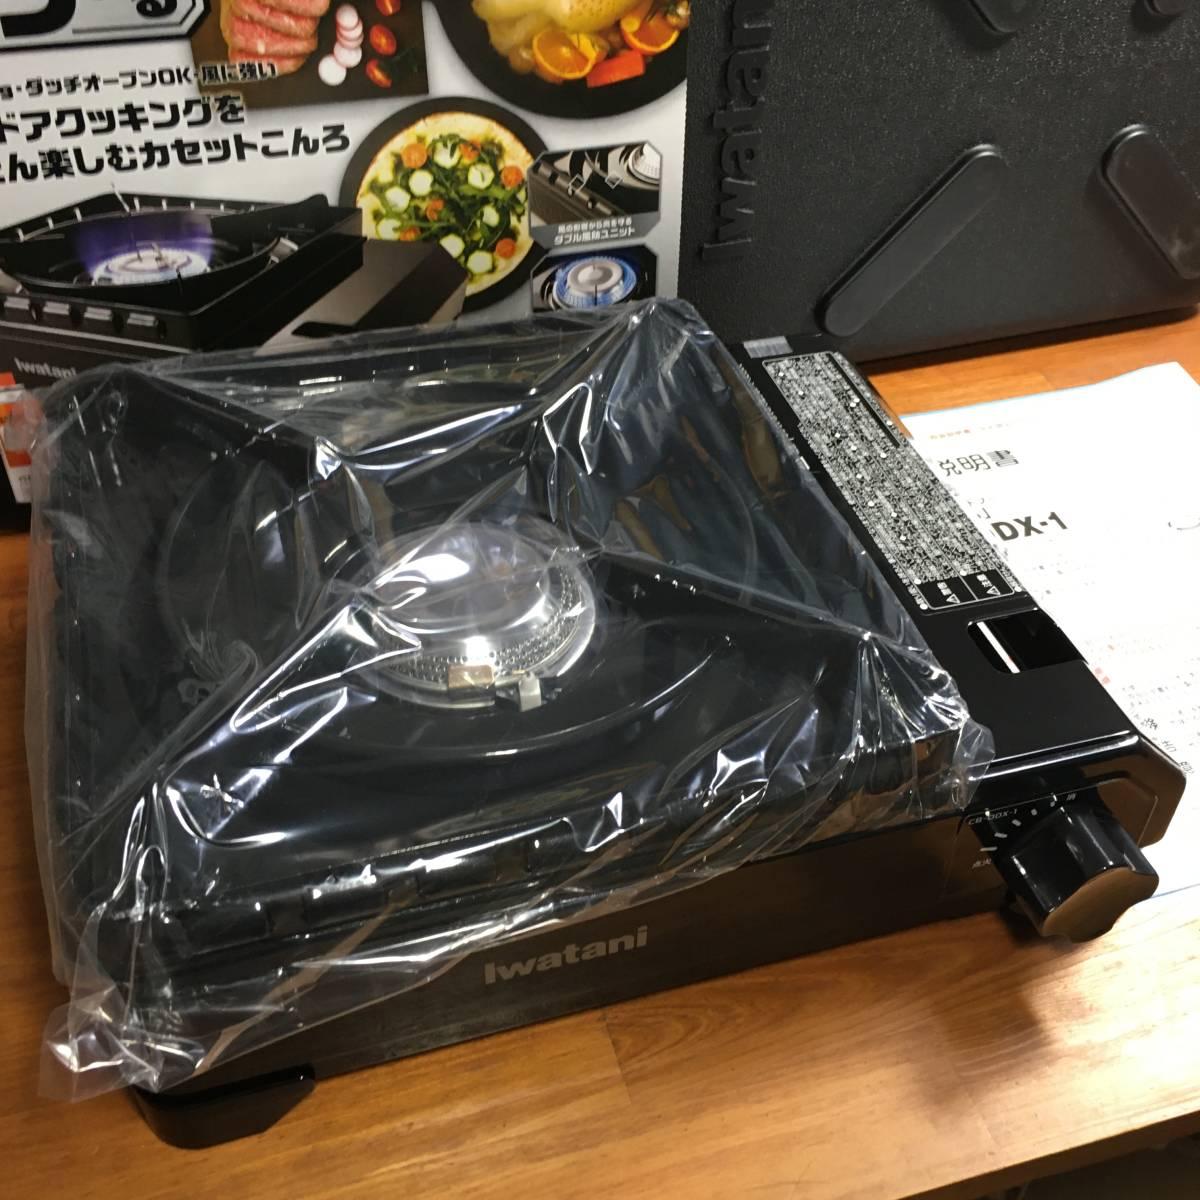 【送料無料/新品】Iwatani イワタニ カセットフー 『 タフまる 』CB-ODX-1 カセットコンロ 専用キャリングケース付き キャンプ